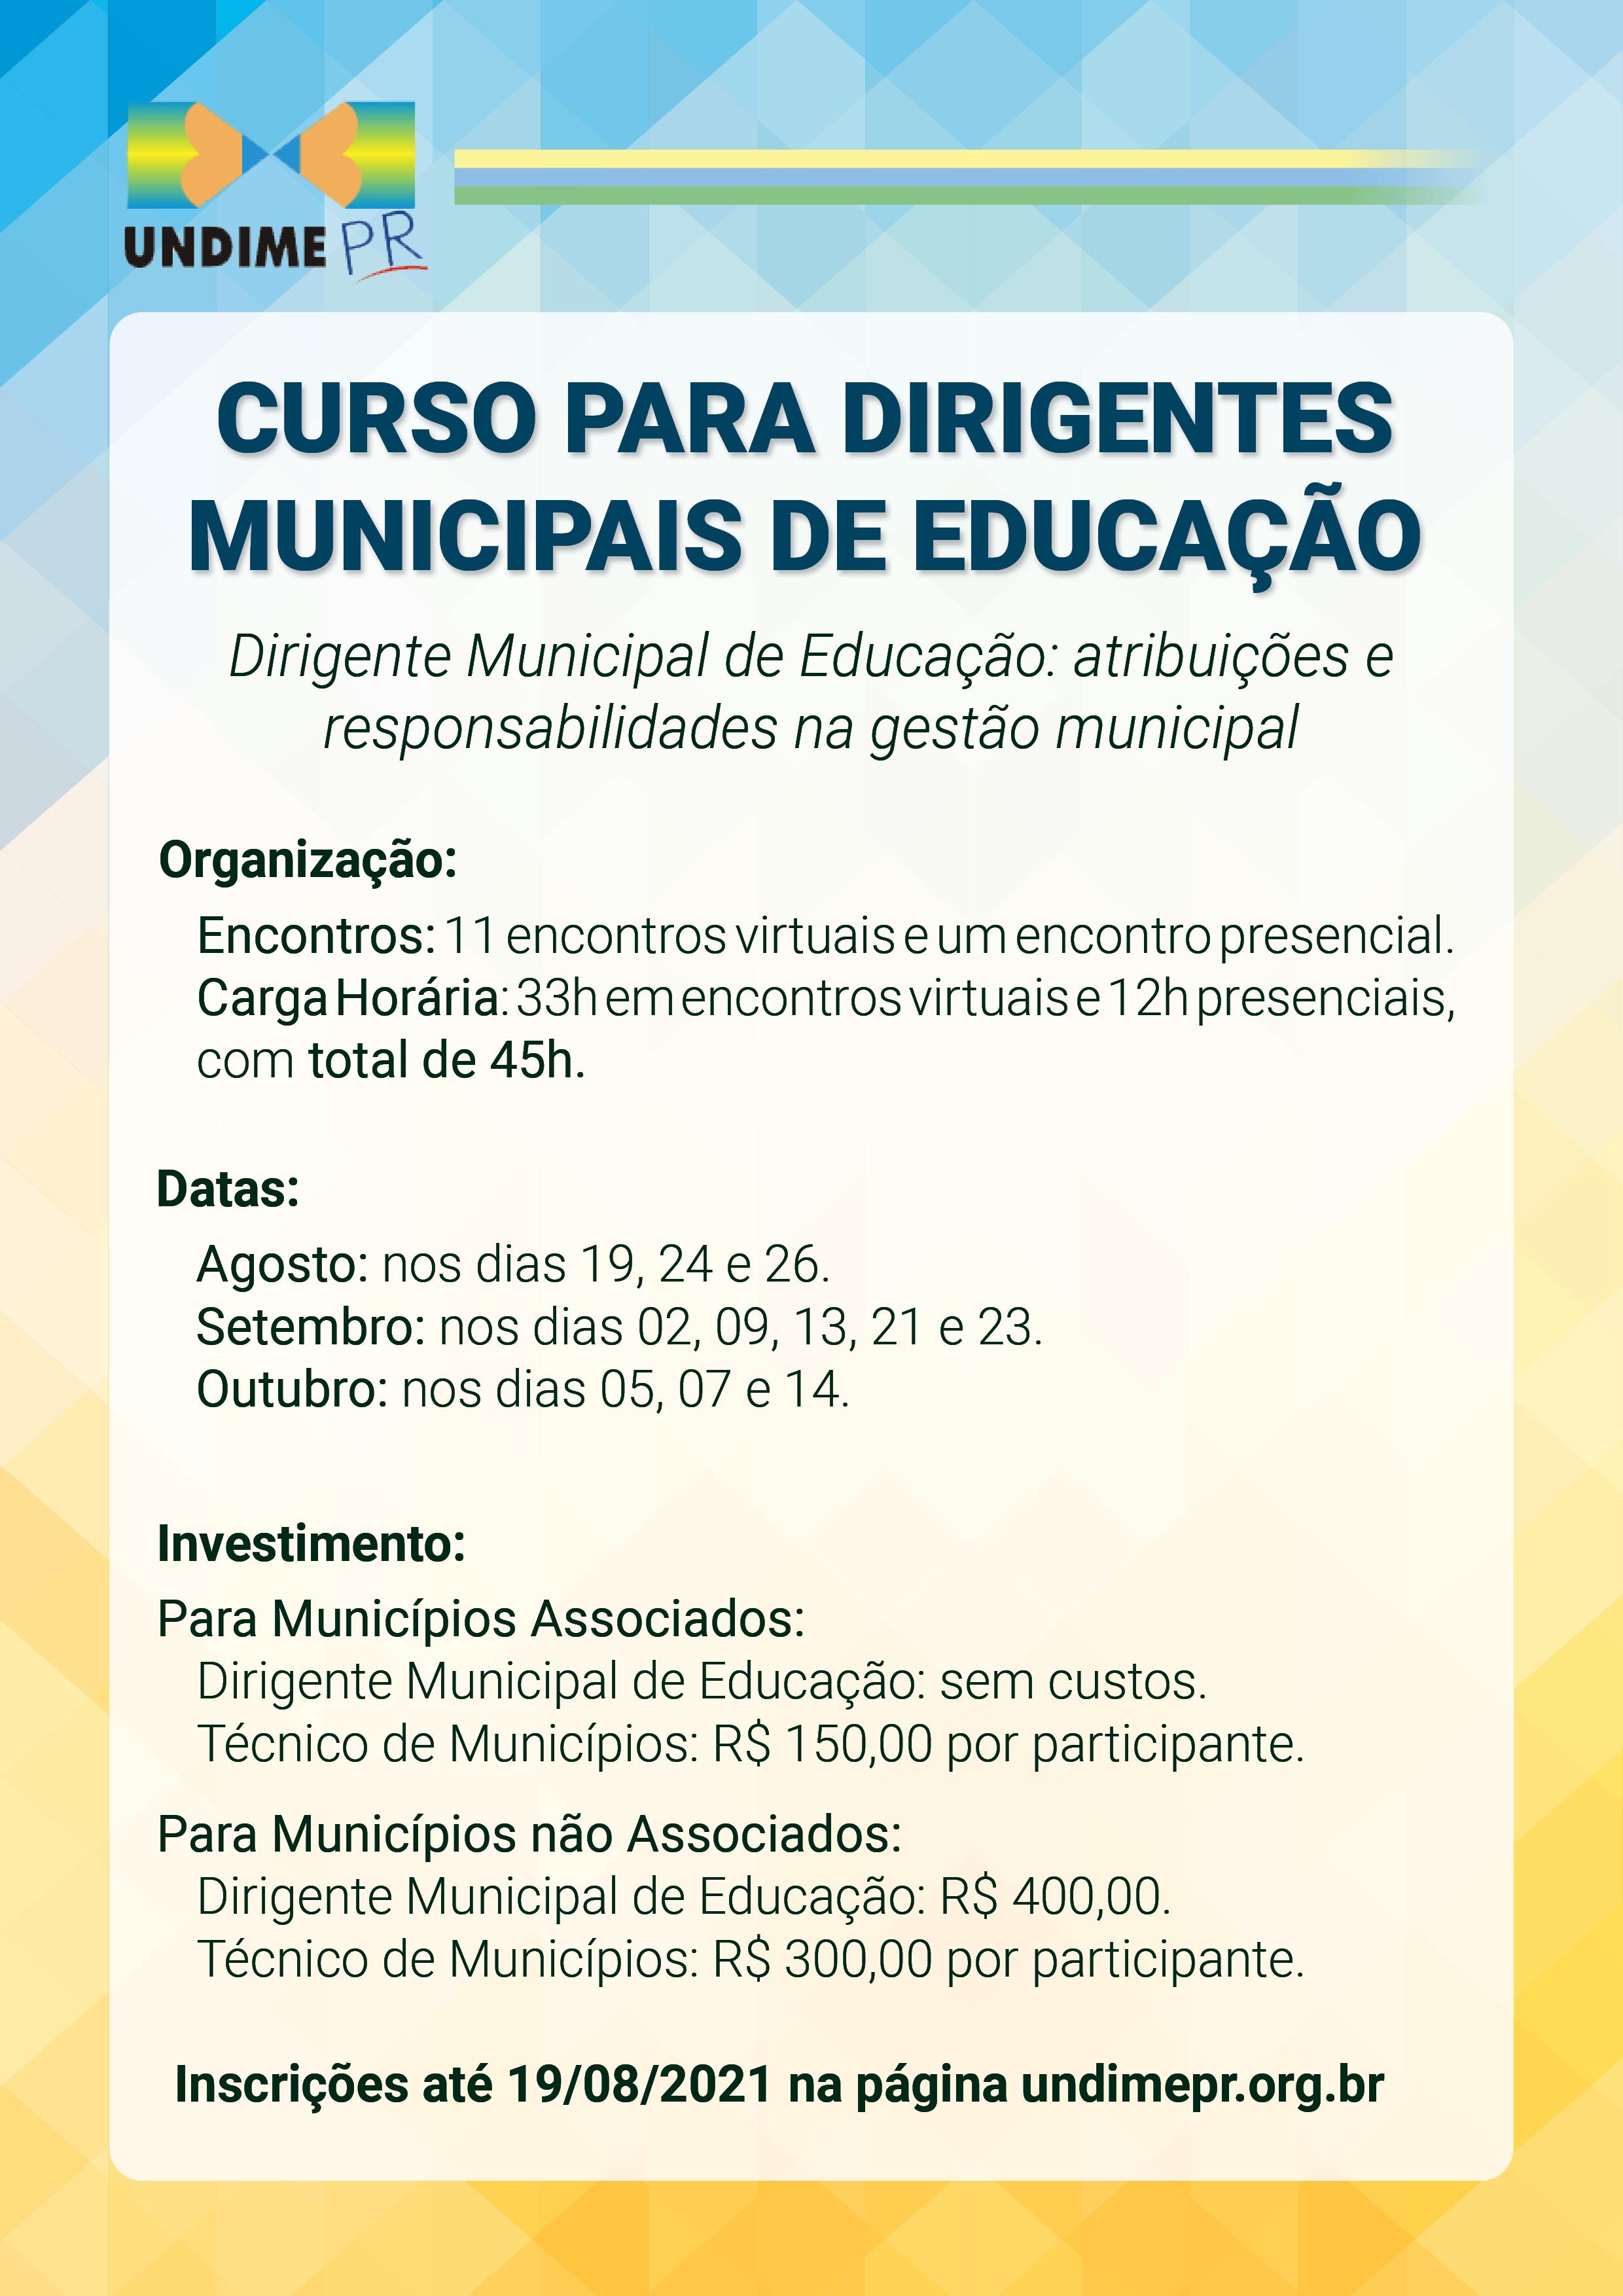 Abertas as inscrições para o Curso para Dirigentes Municipais de Educação ofertado pela UNDIME PR